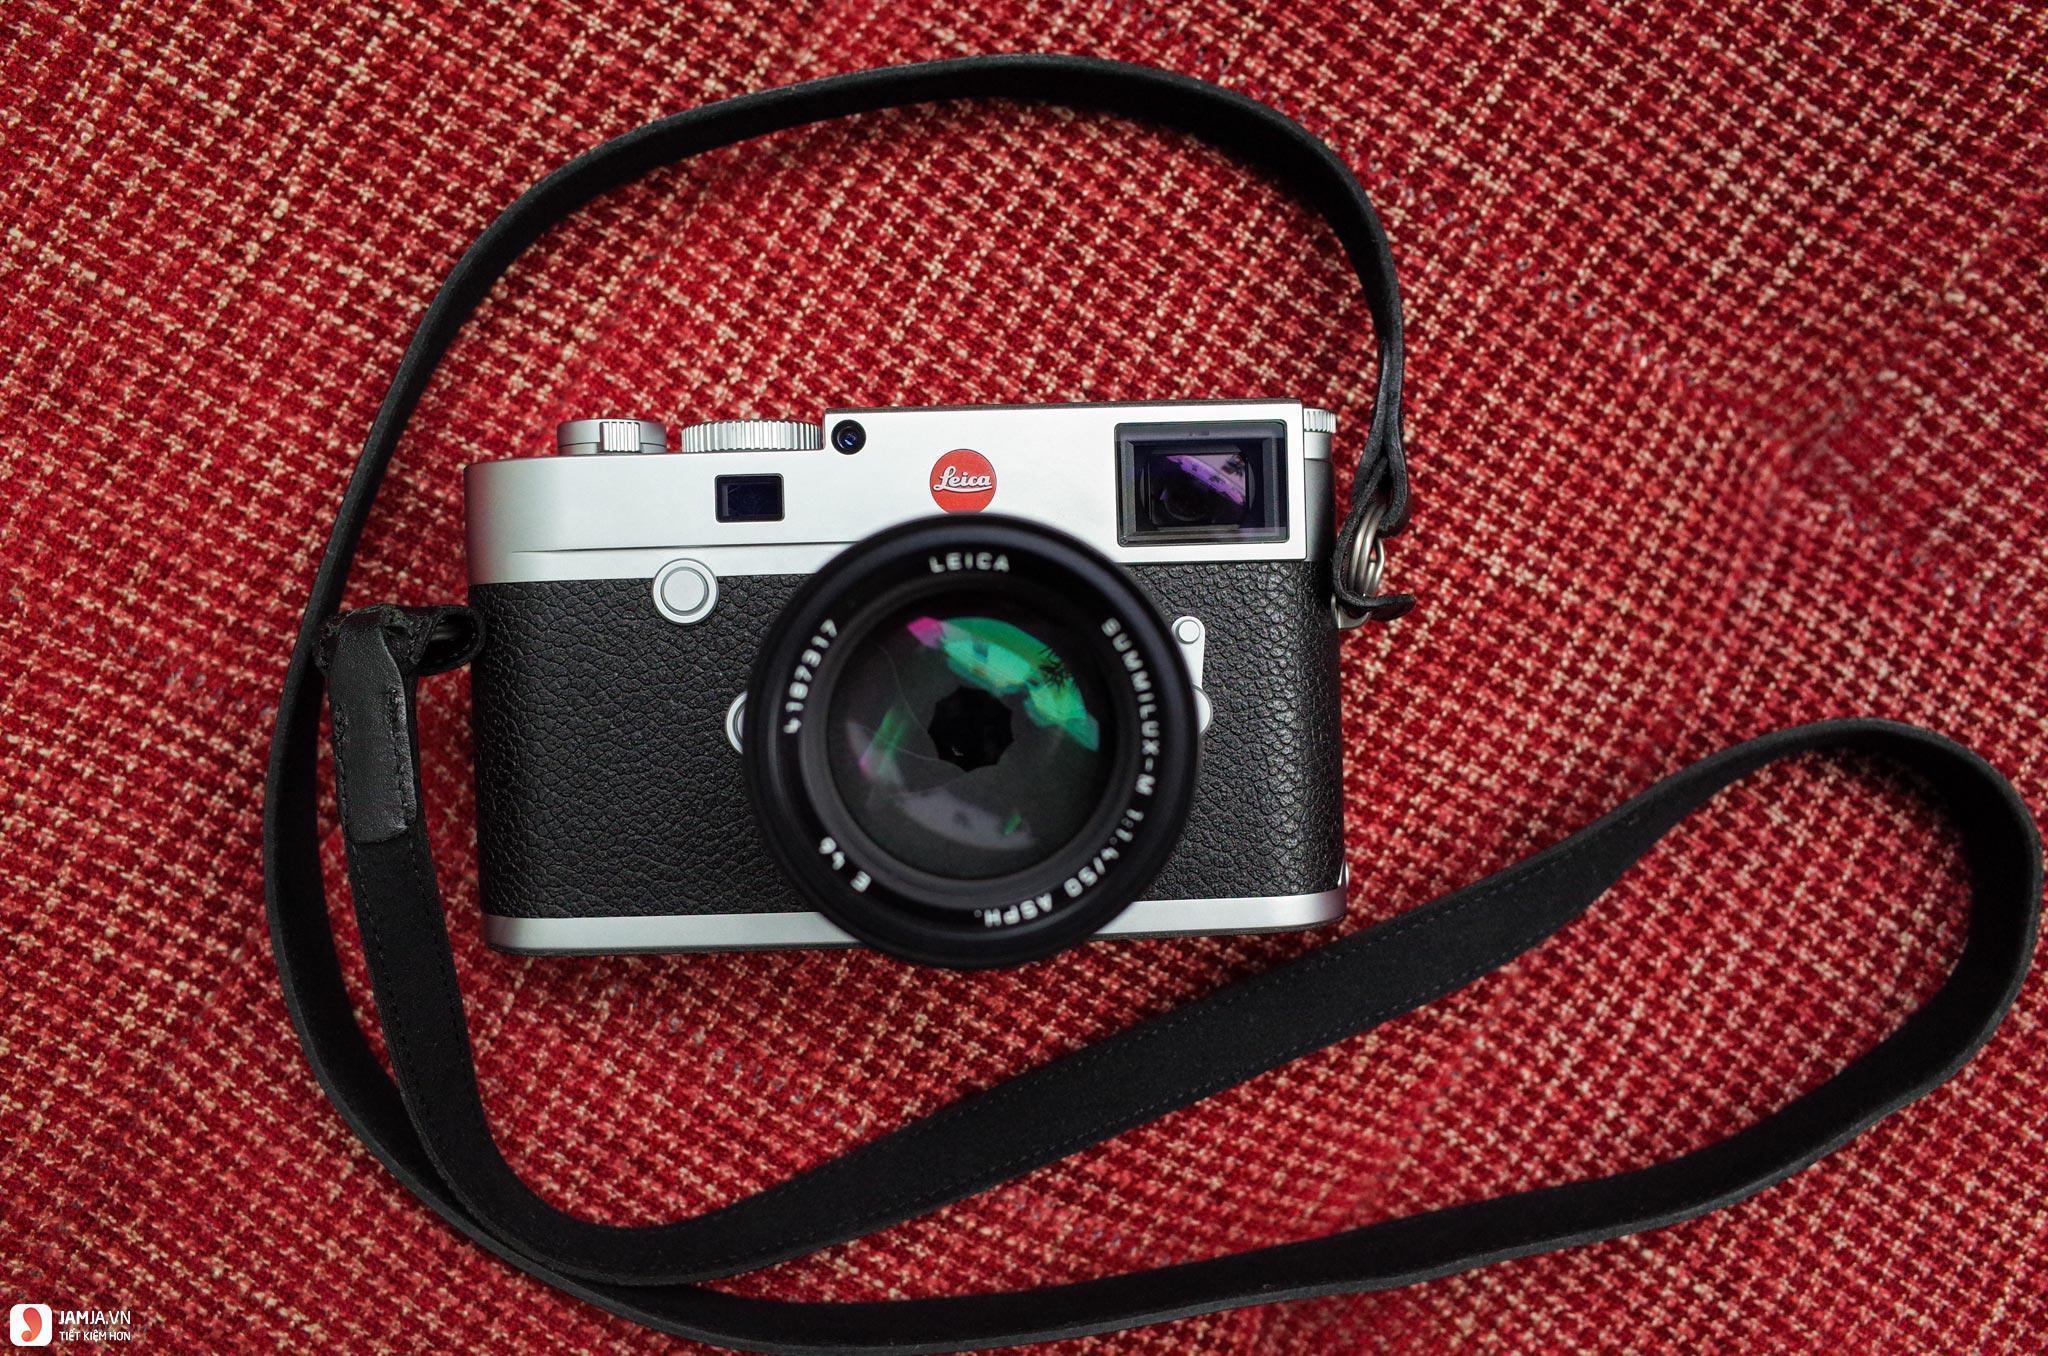 Tiêu chí chọn mua máy ảnh giá rẻ 9